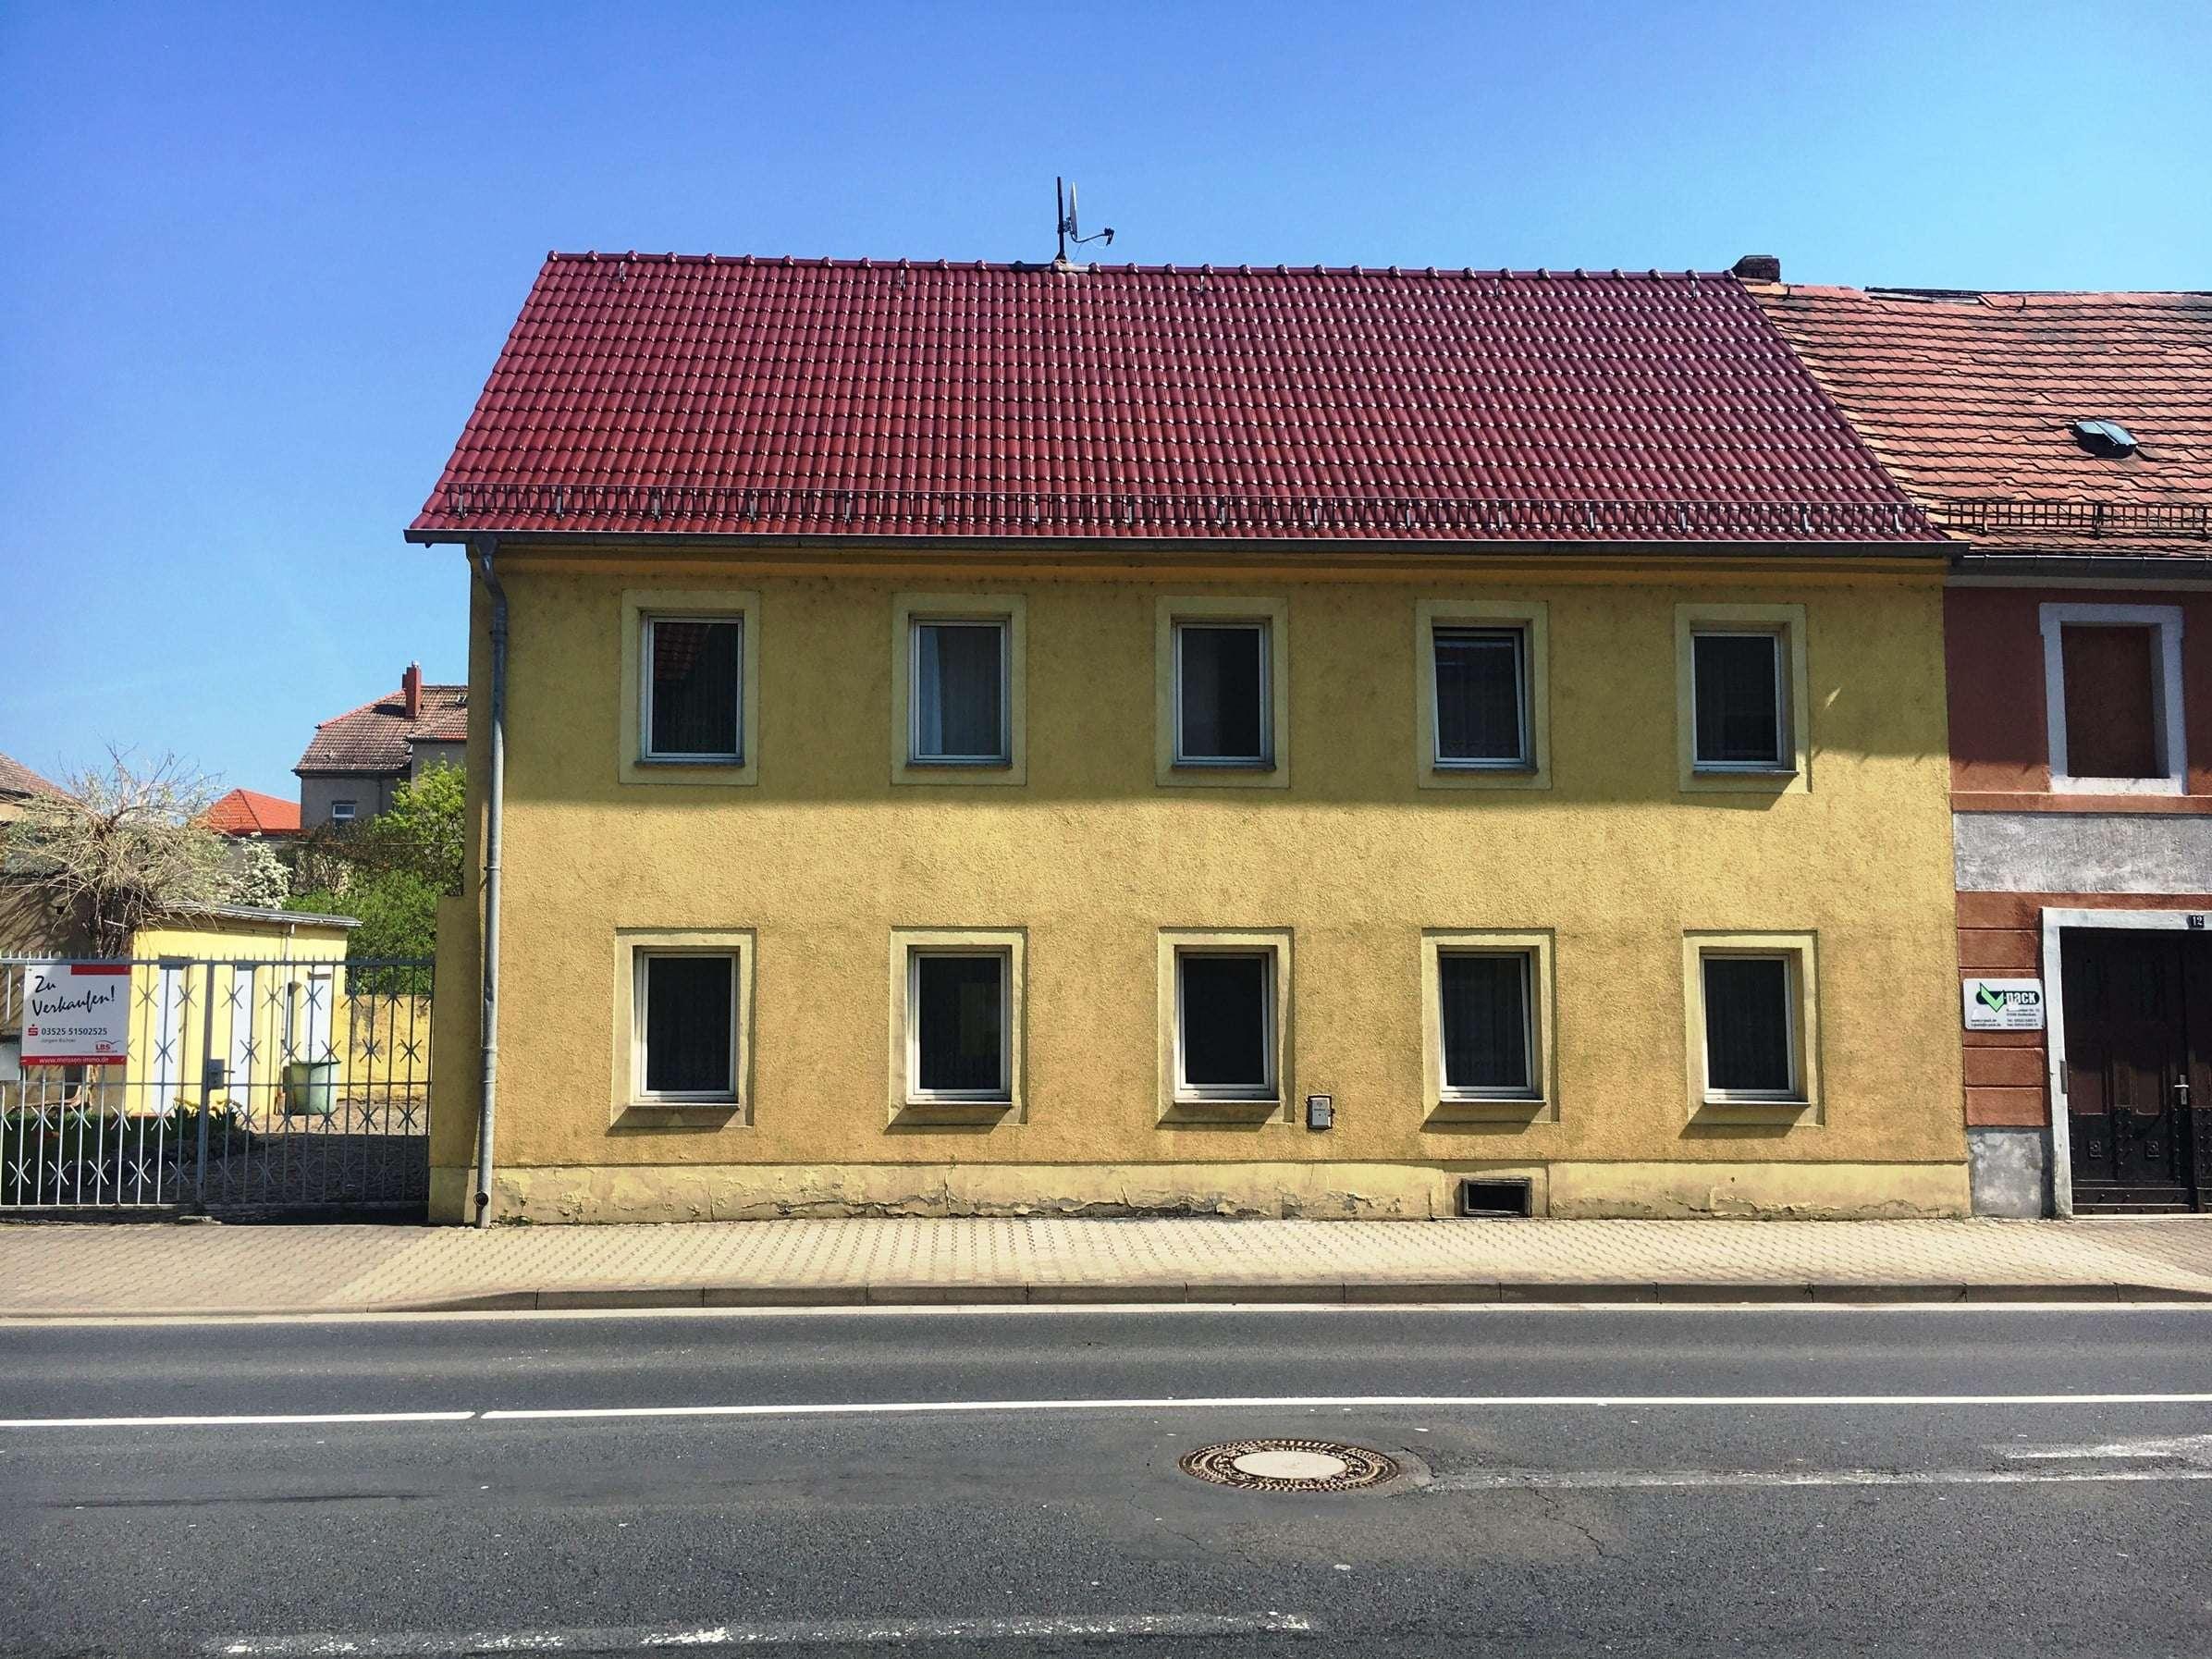 Umbauen und zeitgemäßen Wohnraum schaffen - ein Anwesen für geschickte Handwerker - Haus zum Kauf in Großenhain